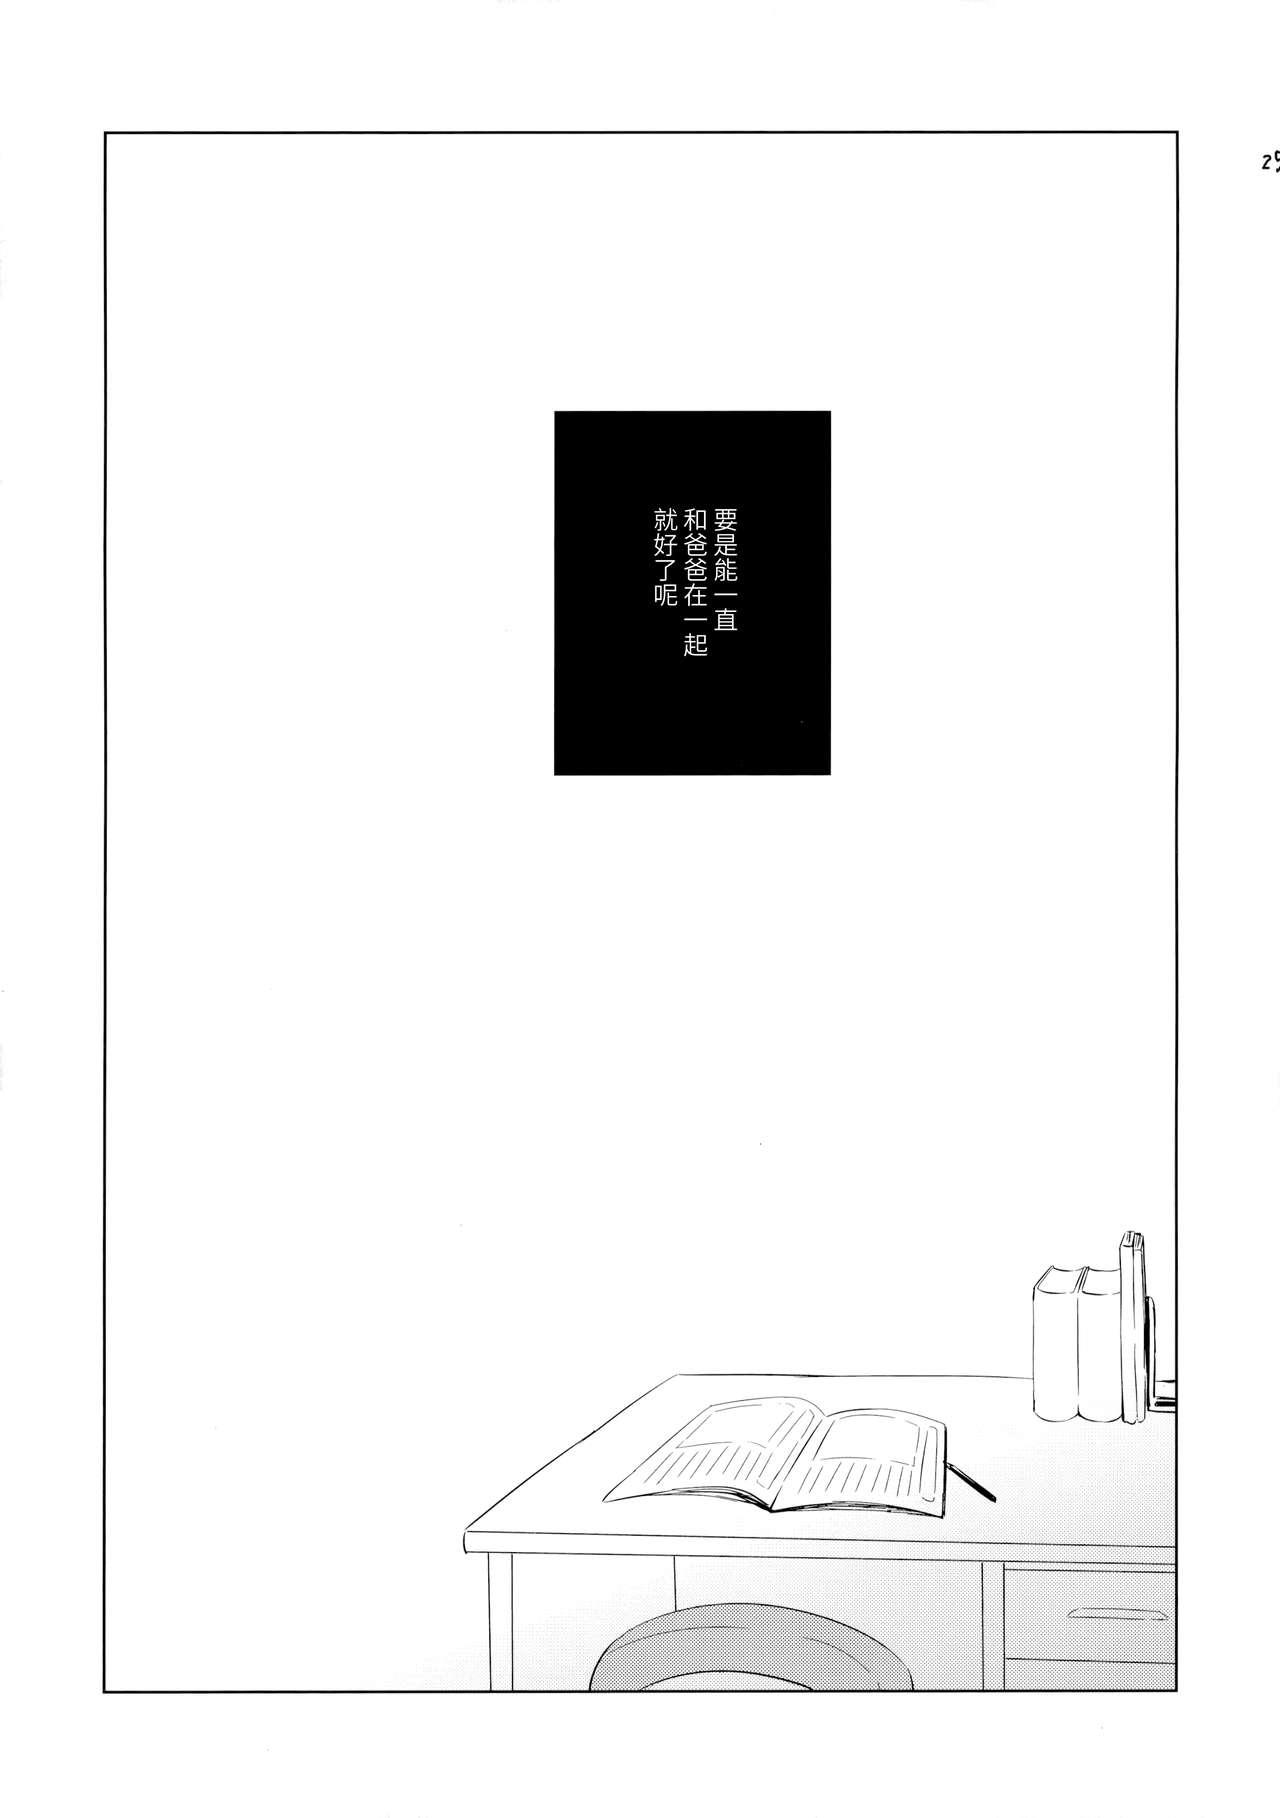 Misuzu-chan no Fuyuyasumi Nikkichou 24